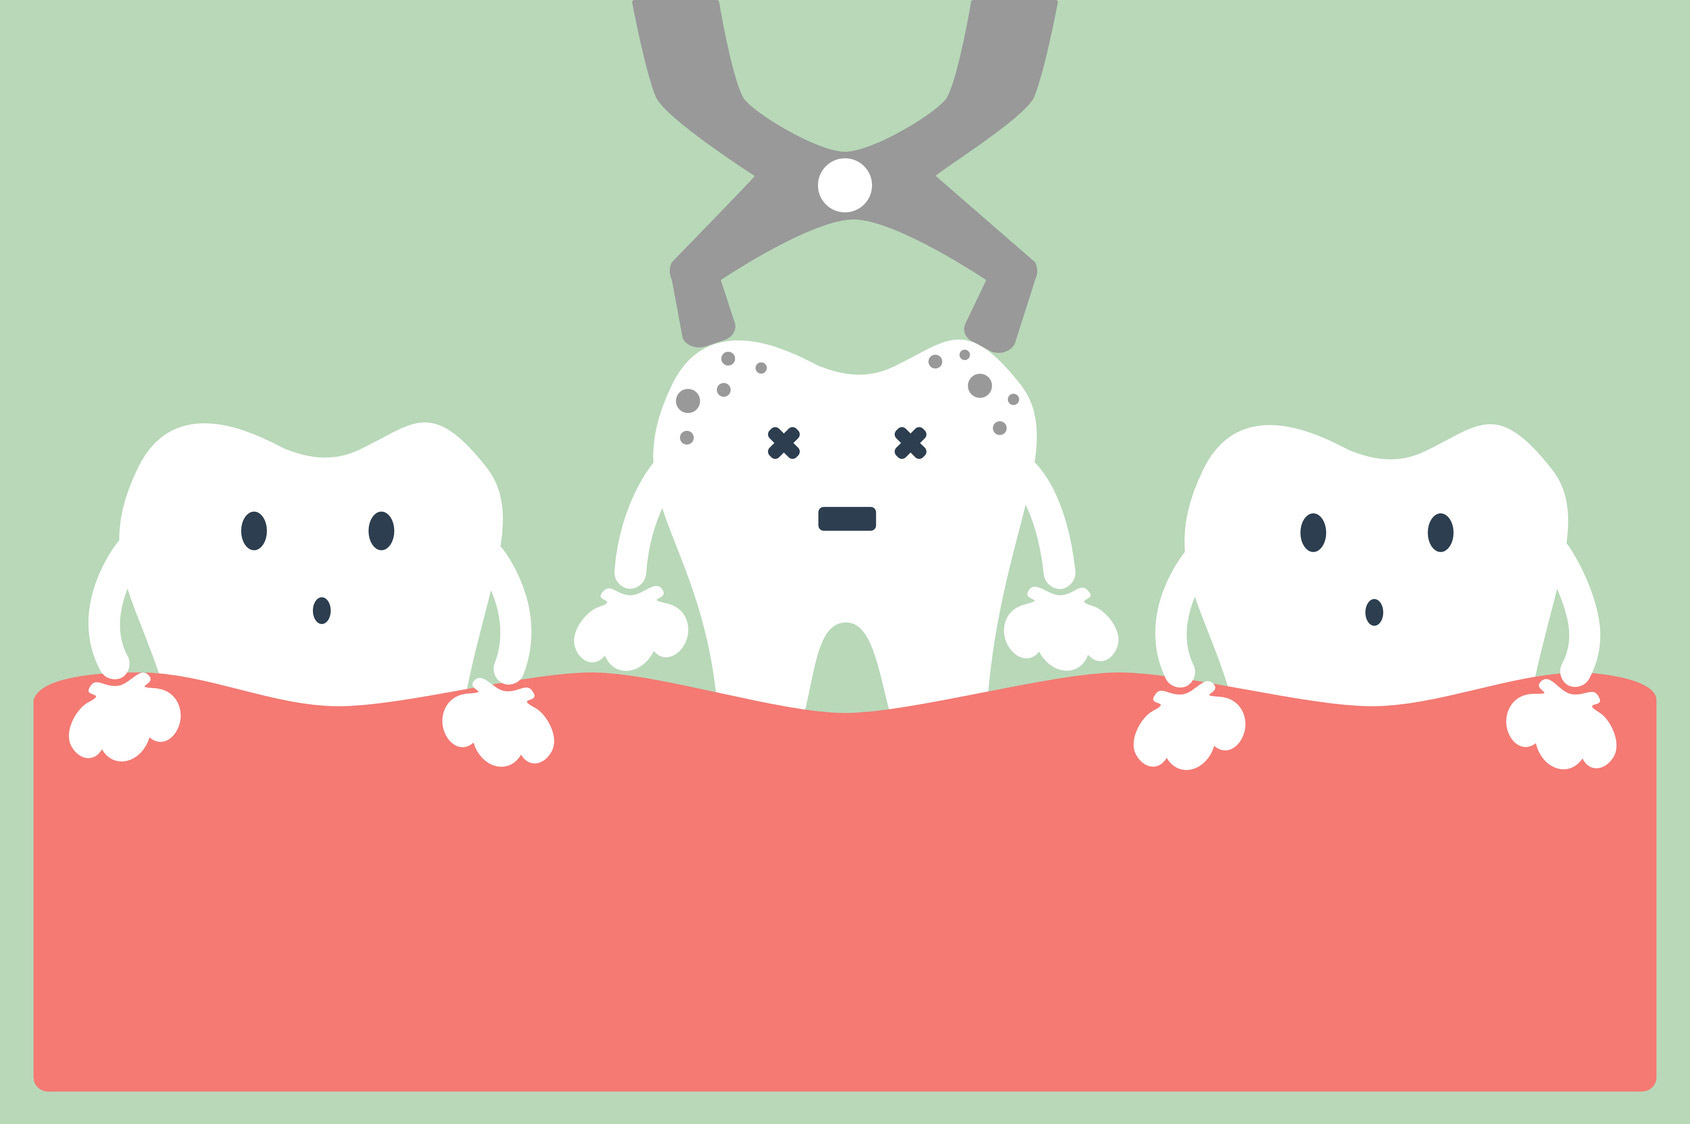 Bác sĩ chuyên khoa mách bạn những điều cần lưu ý sau khi nhổ răng khôn